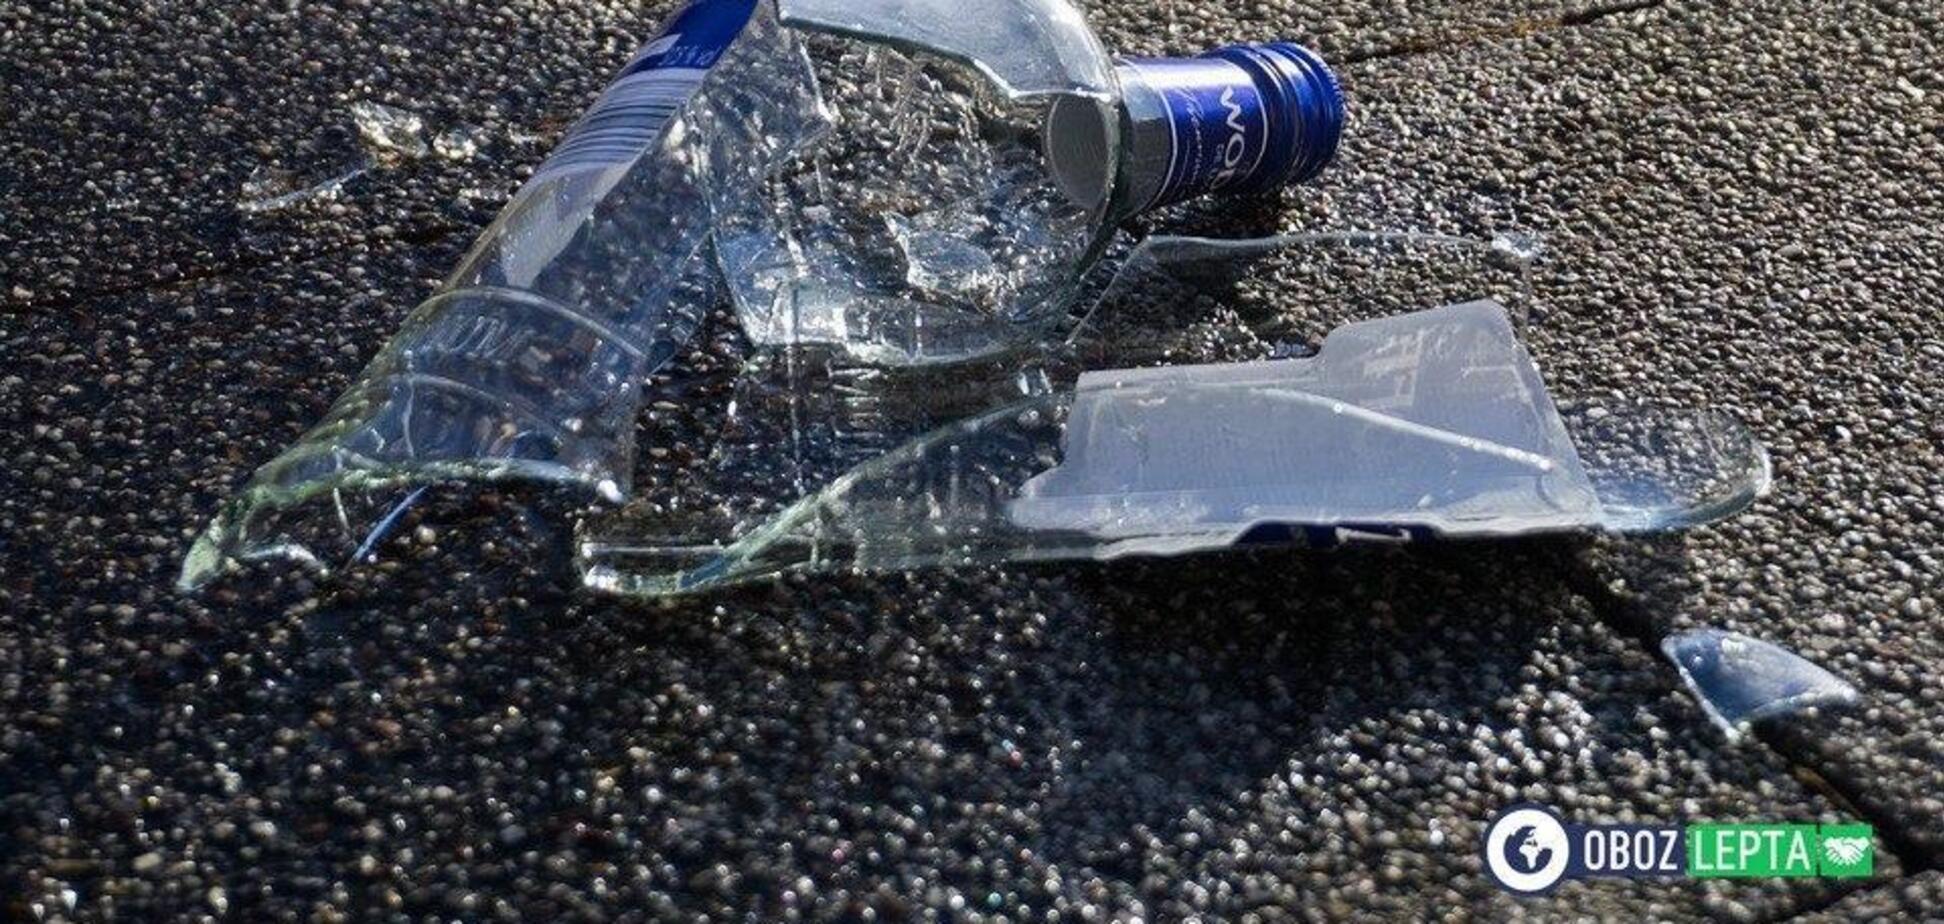 Бизнес по совести: какой должна быть социальная ответственность производителей алкоголя